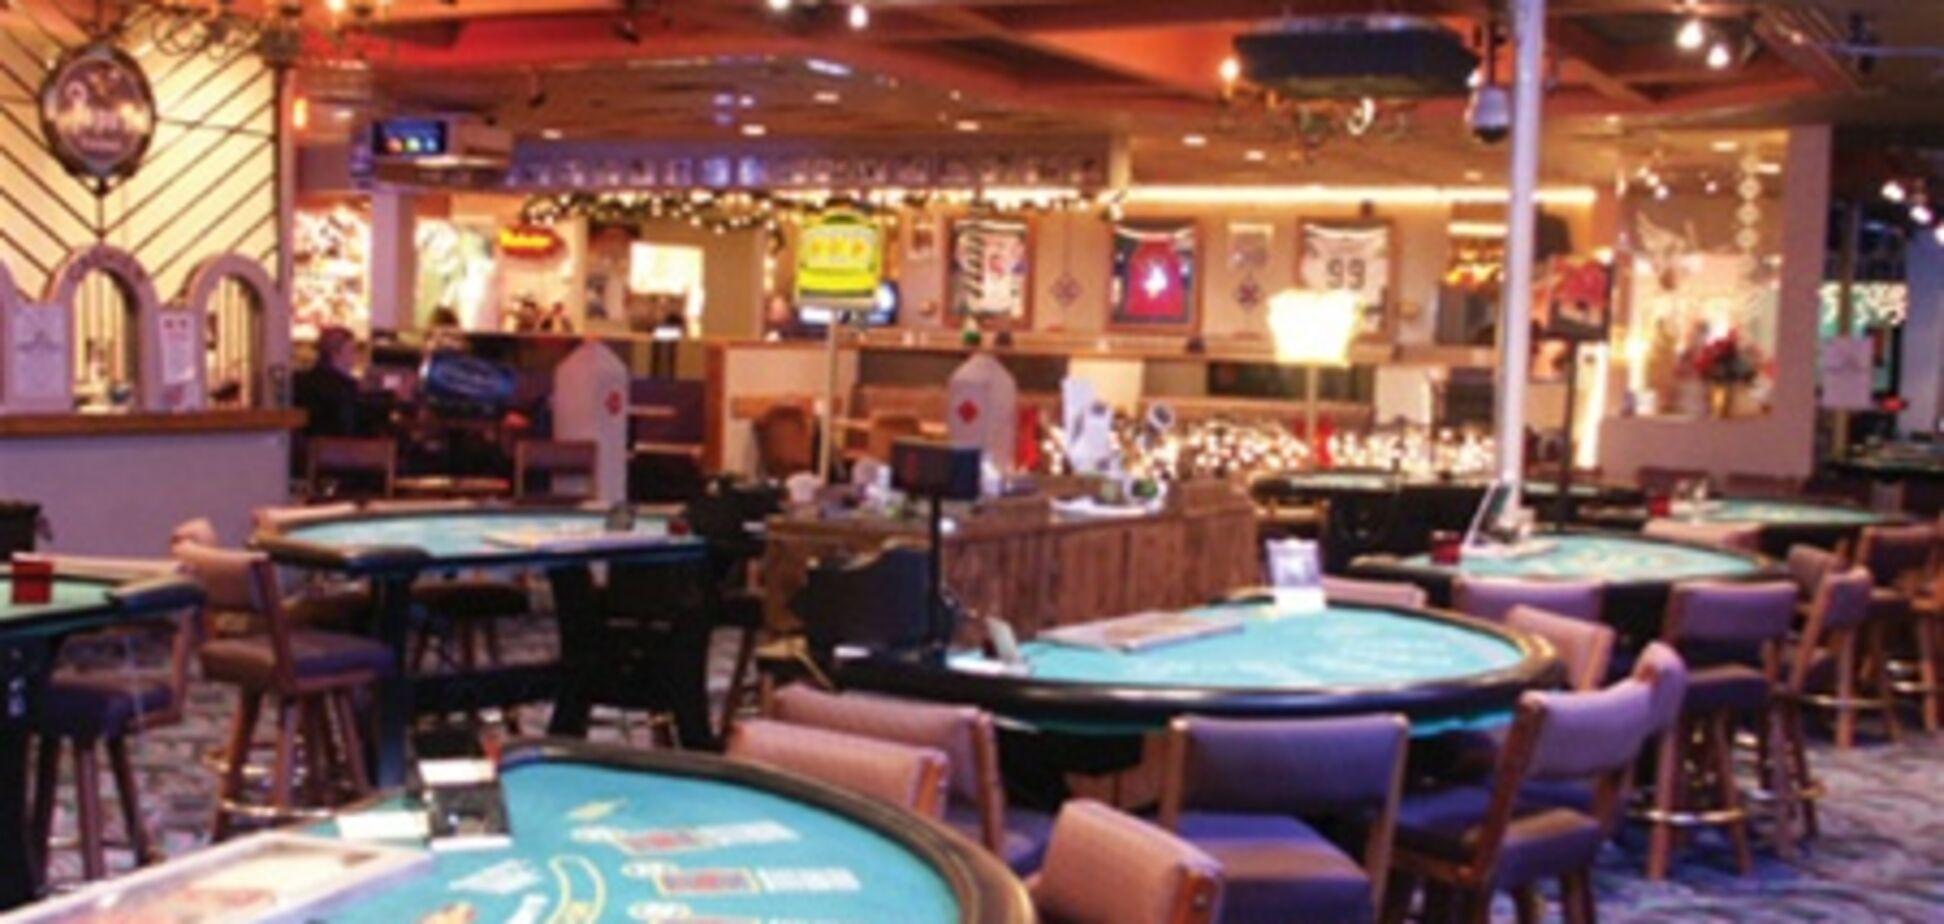 Ограбивший казино преступник стал его почетным посетителем